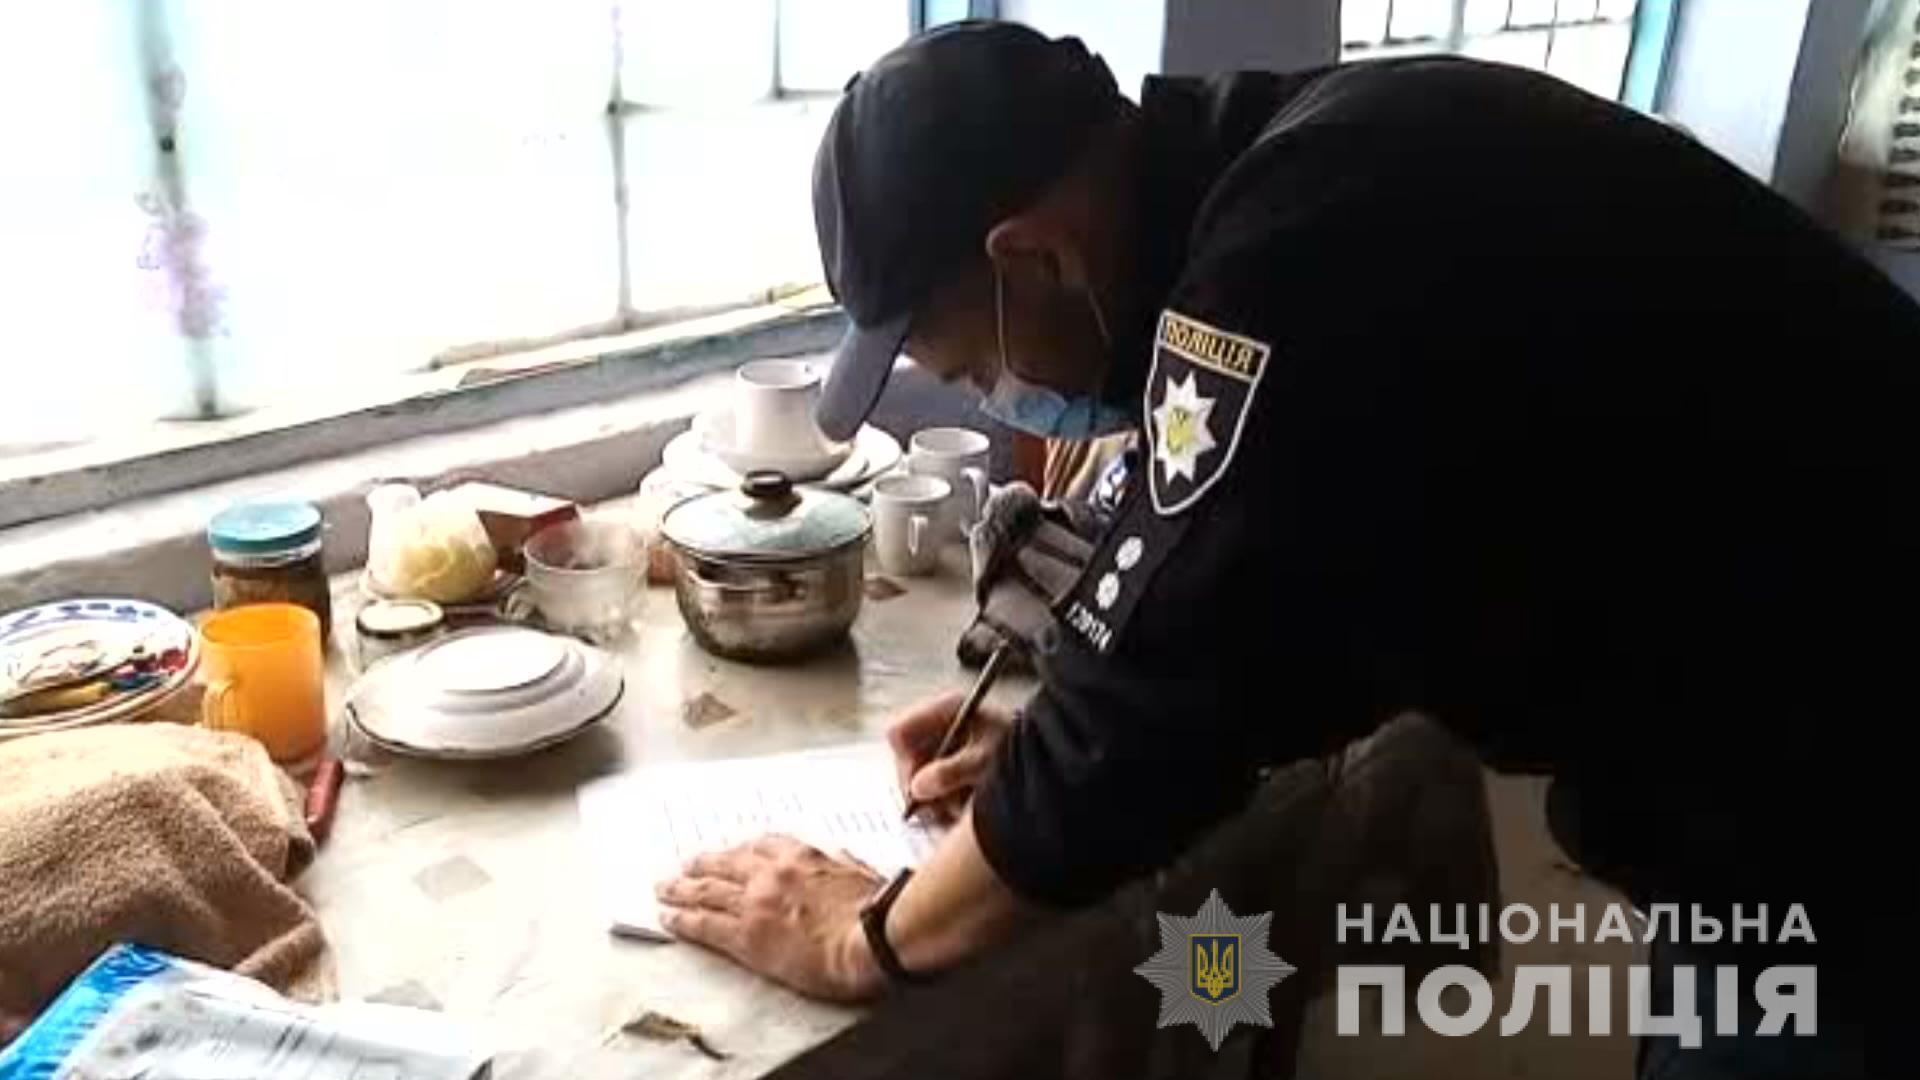 В Одеській області чоловік зарубав пенсіонерку сокирою посеред вулиці (ФОТО, ВІДЕО)